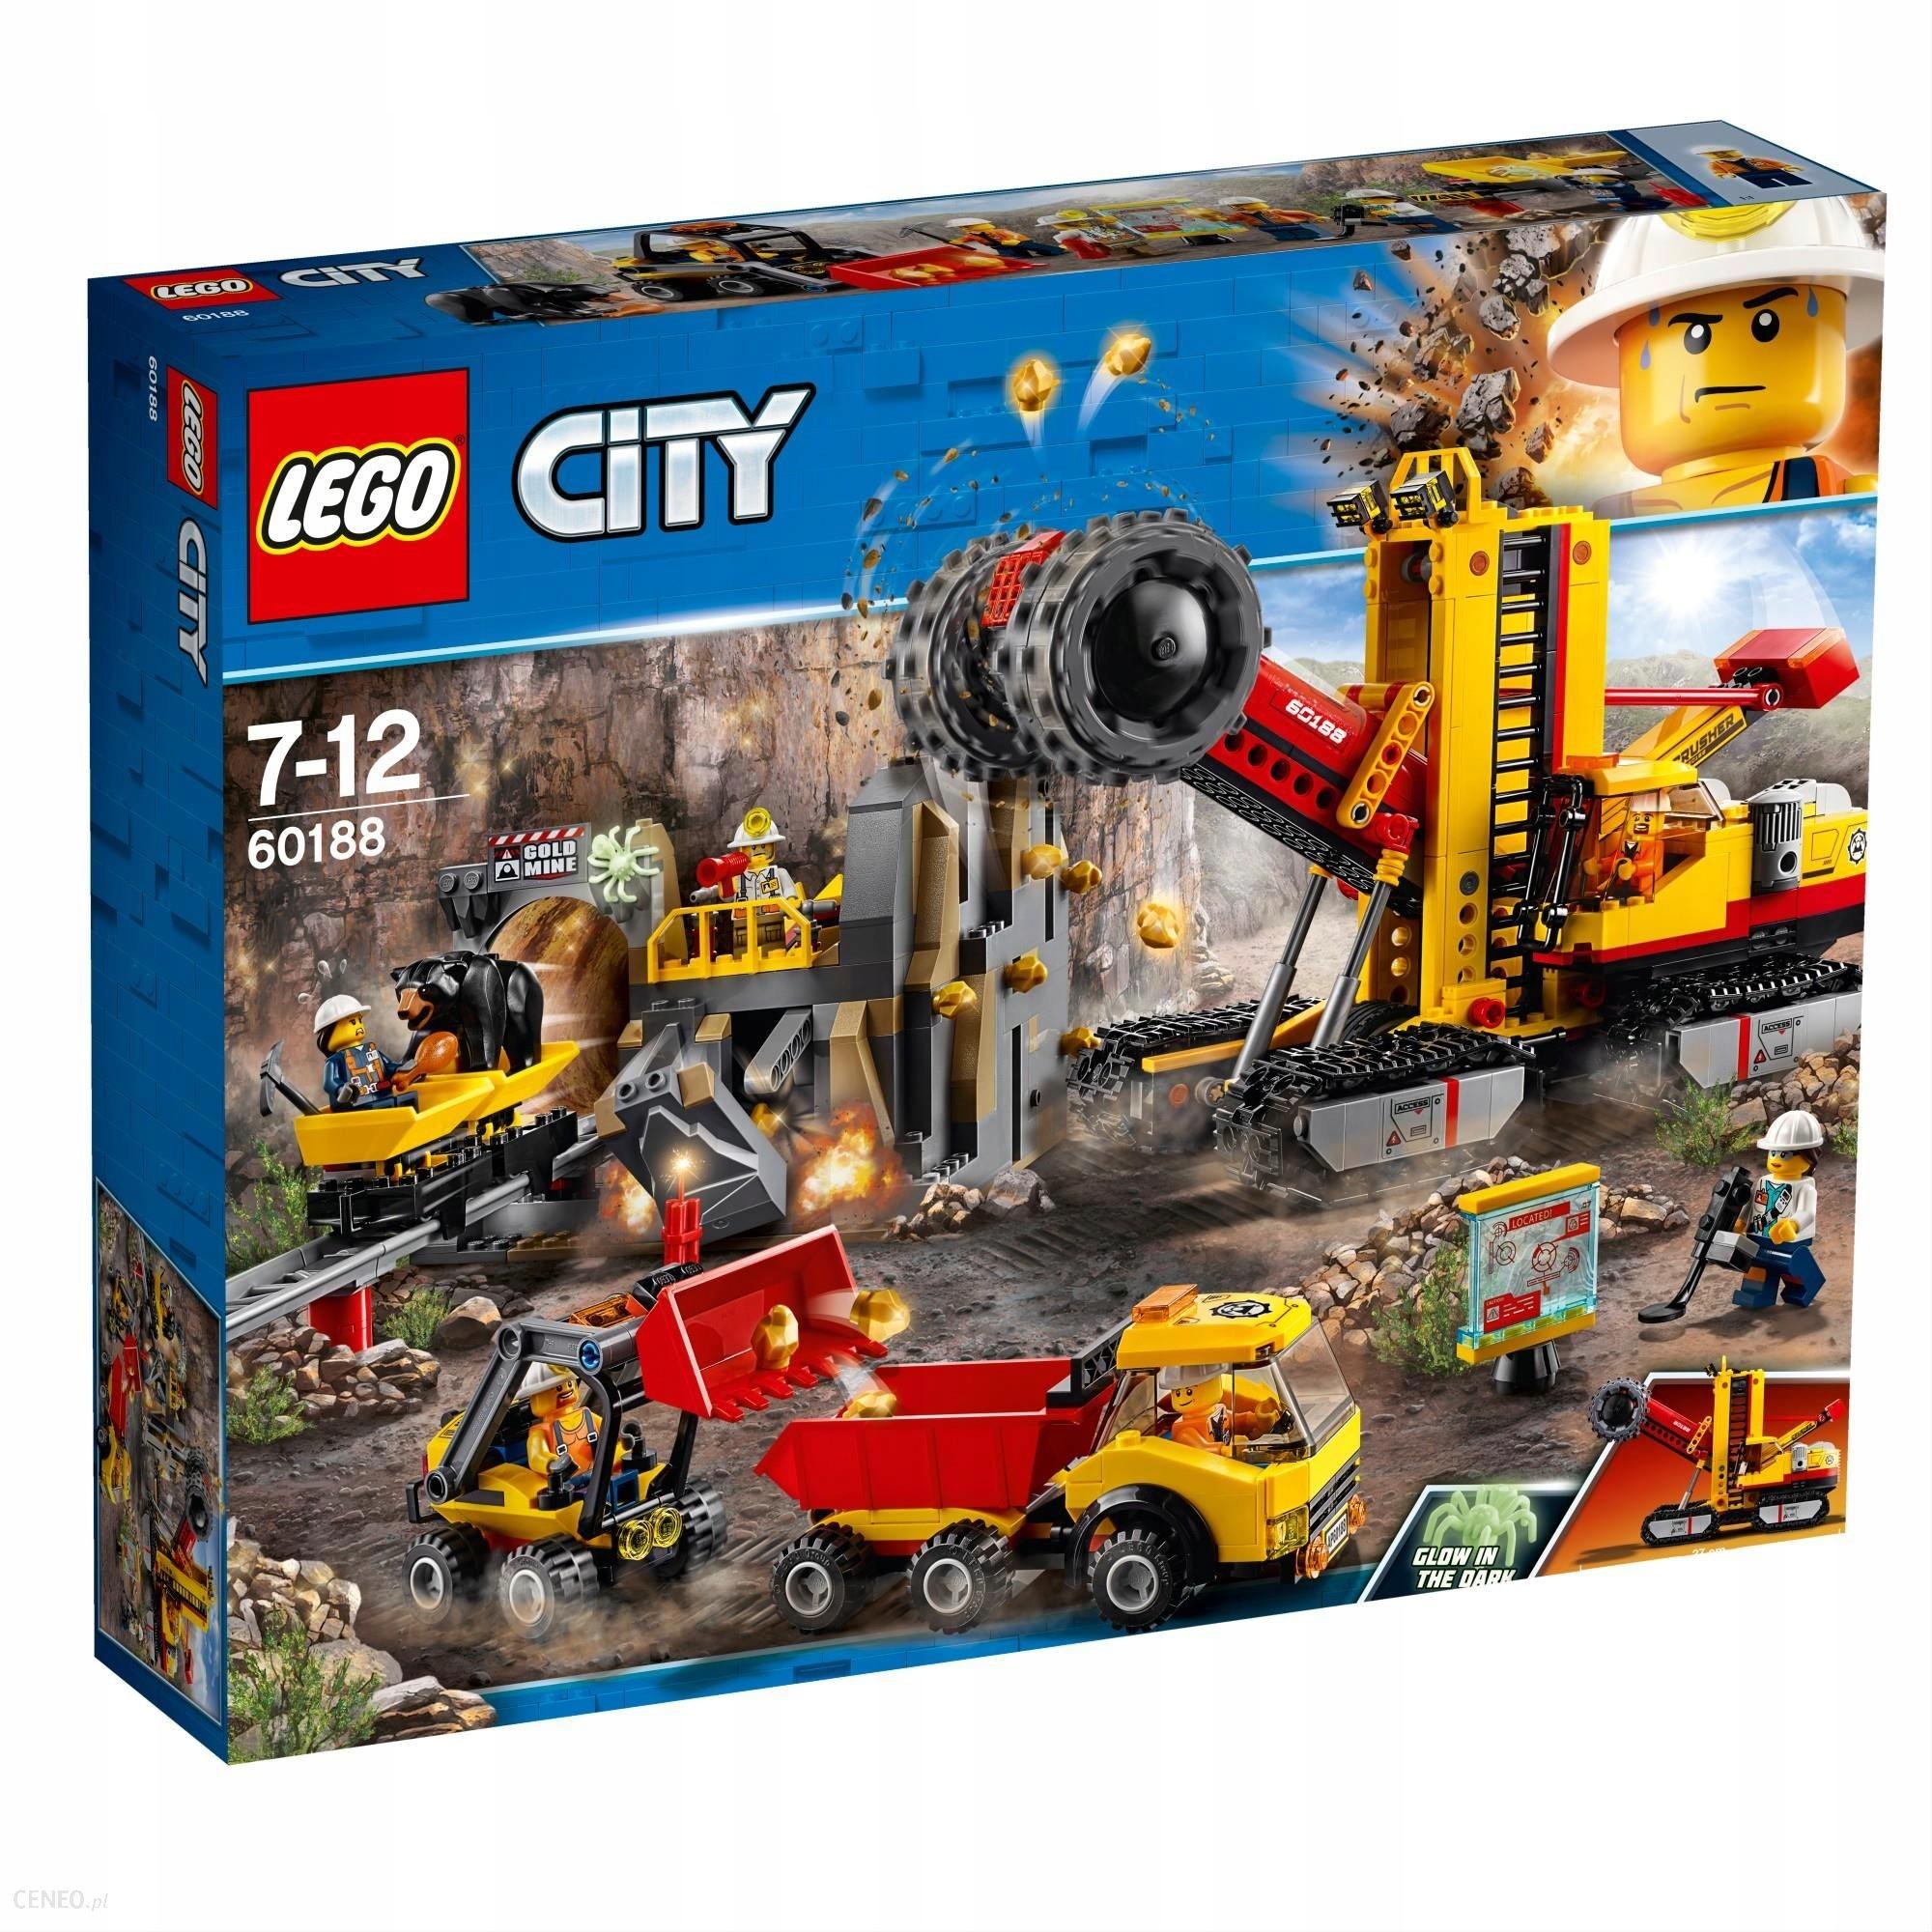 Klocki Lego City 60188 Duży Zestaw Kopalnia 7727023075 Oficjalne